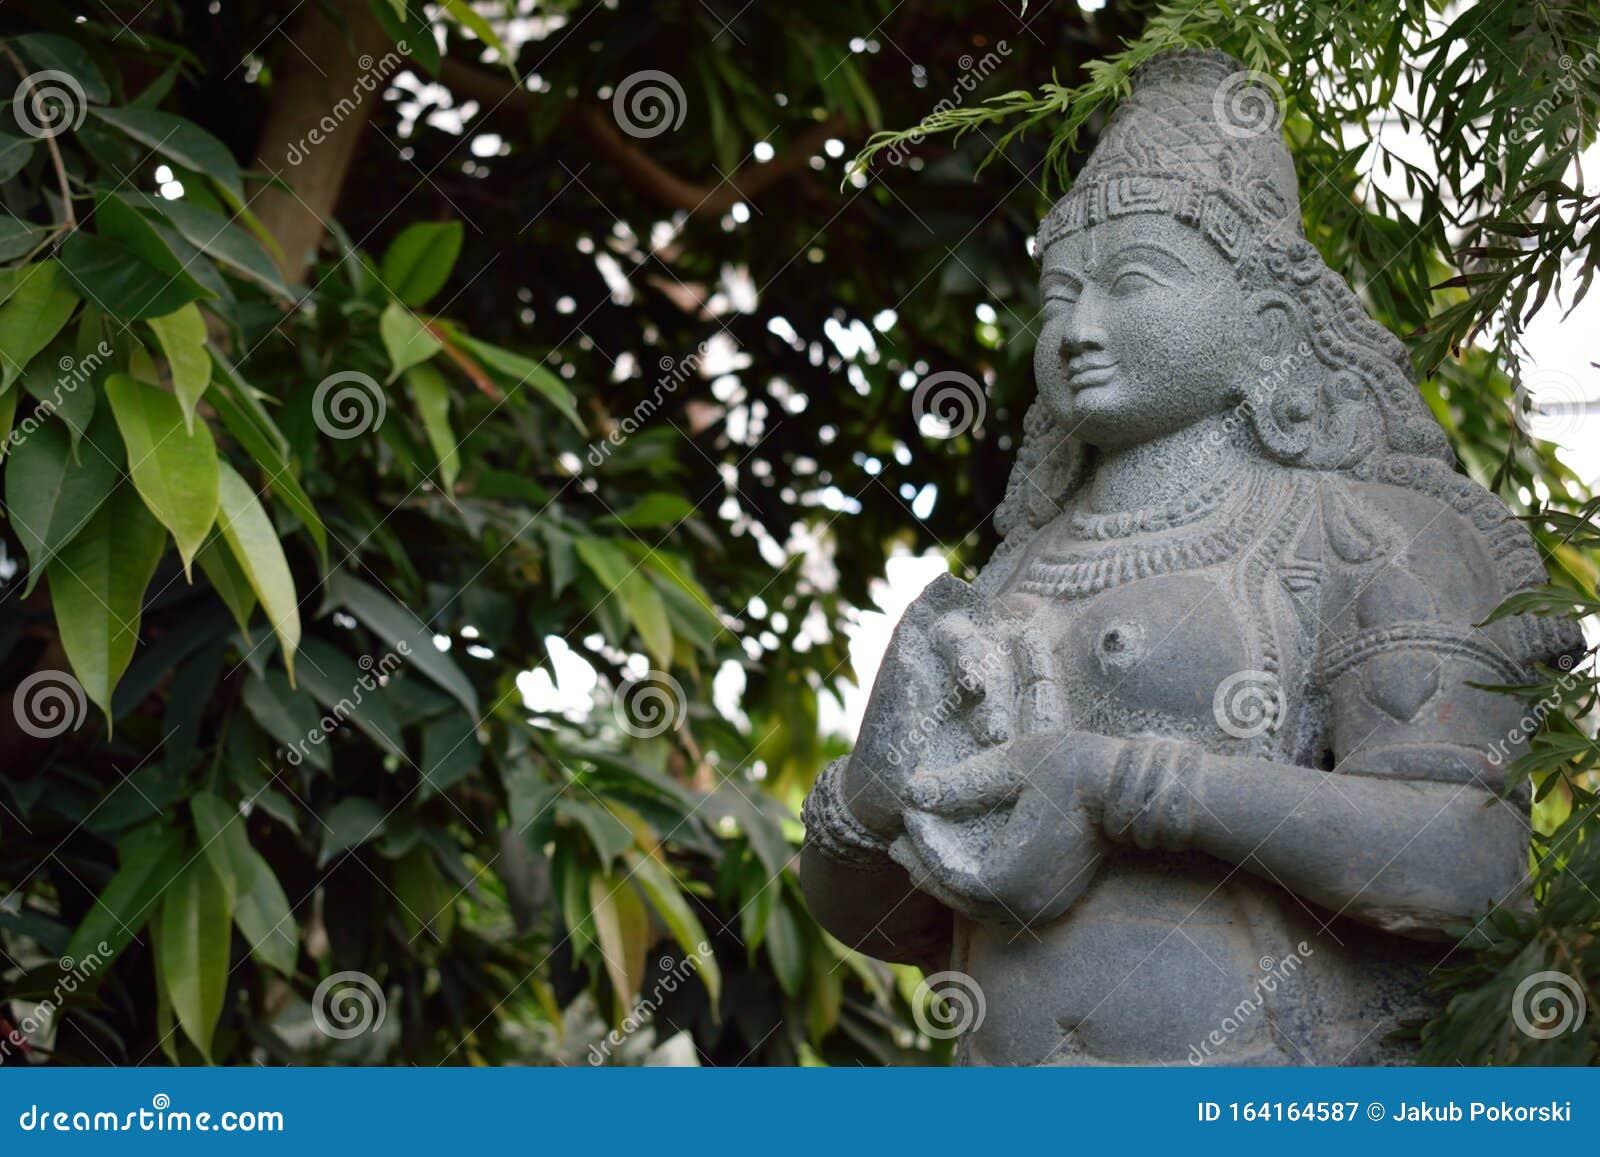 Escultura De La Estatua India De La Diosa De La Fertilidad Imagen De Archivo Imagen De Estante Coche 164164587